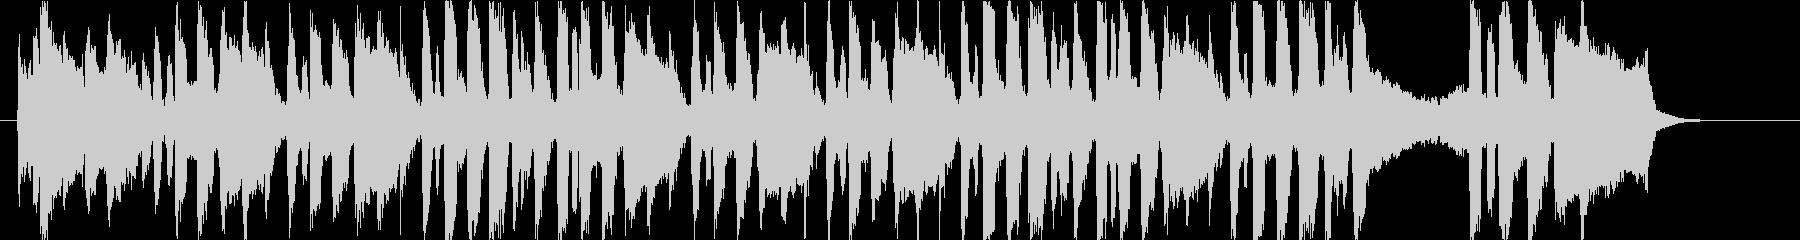 誕生日の歌(ワルツver) 【イズミ】の未再生の波形